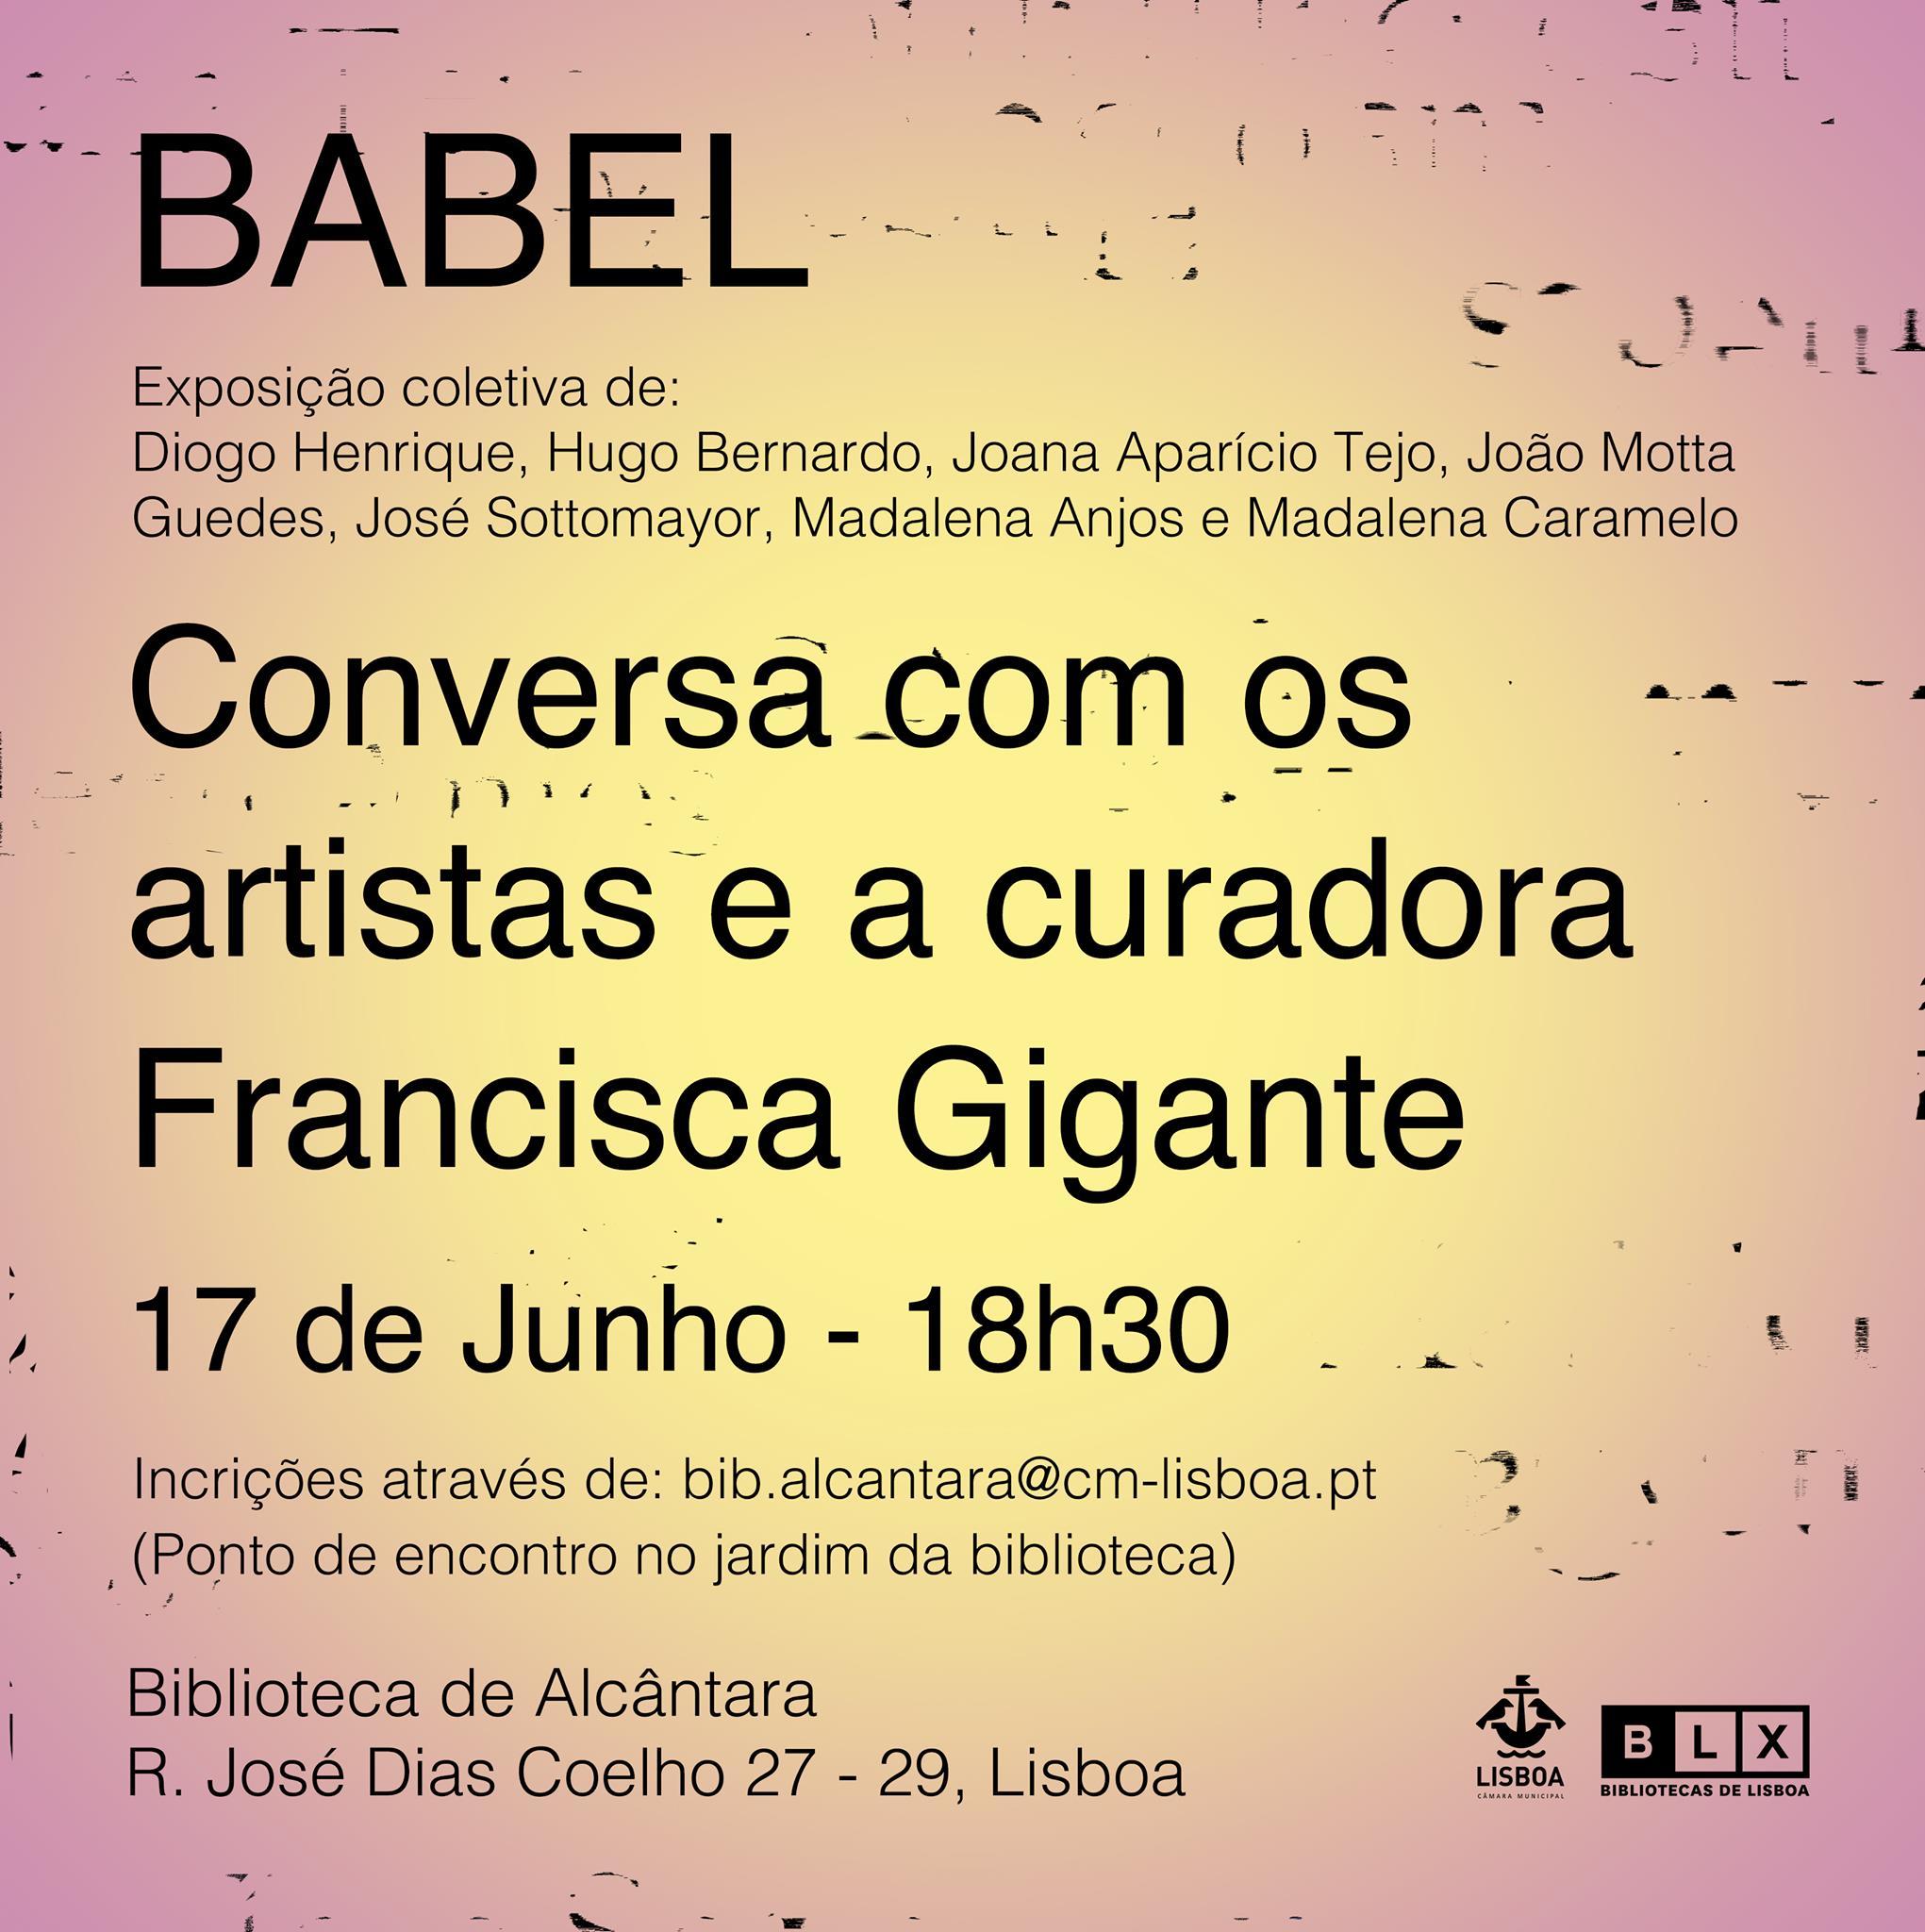 Visita Guiada à exposição Babel